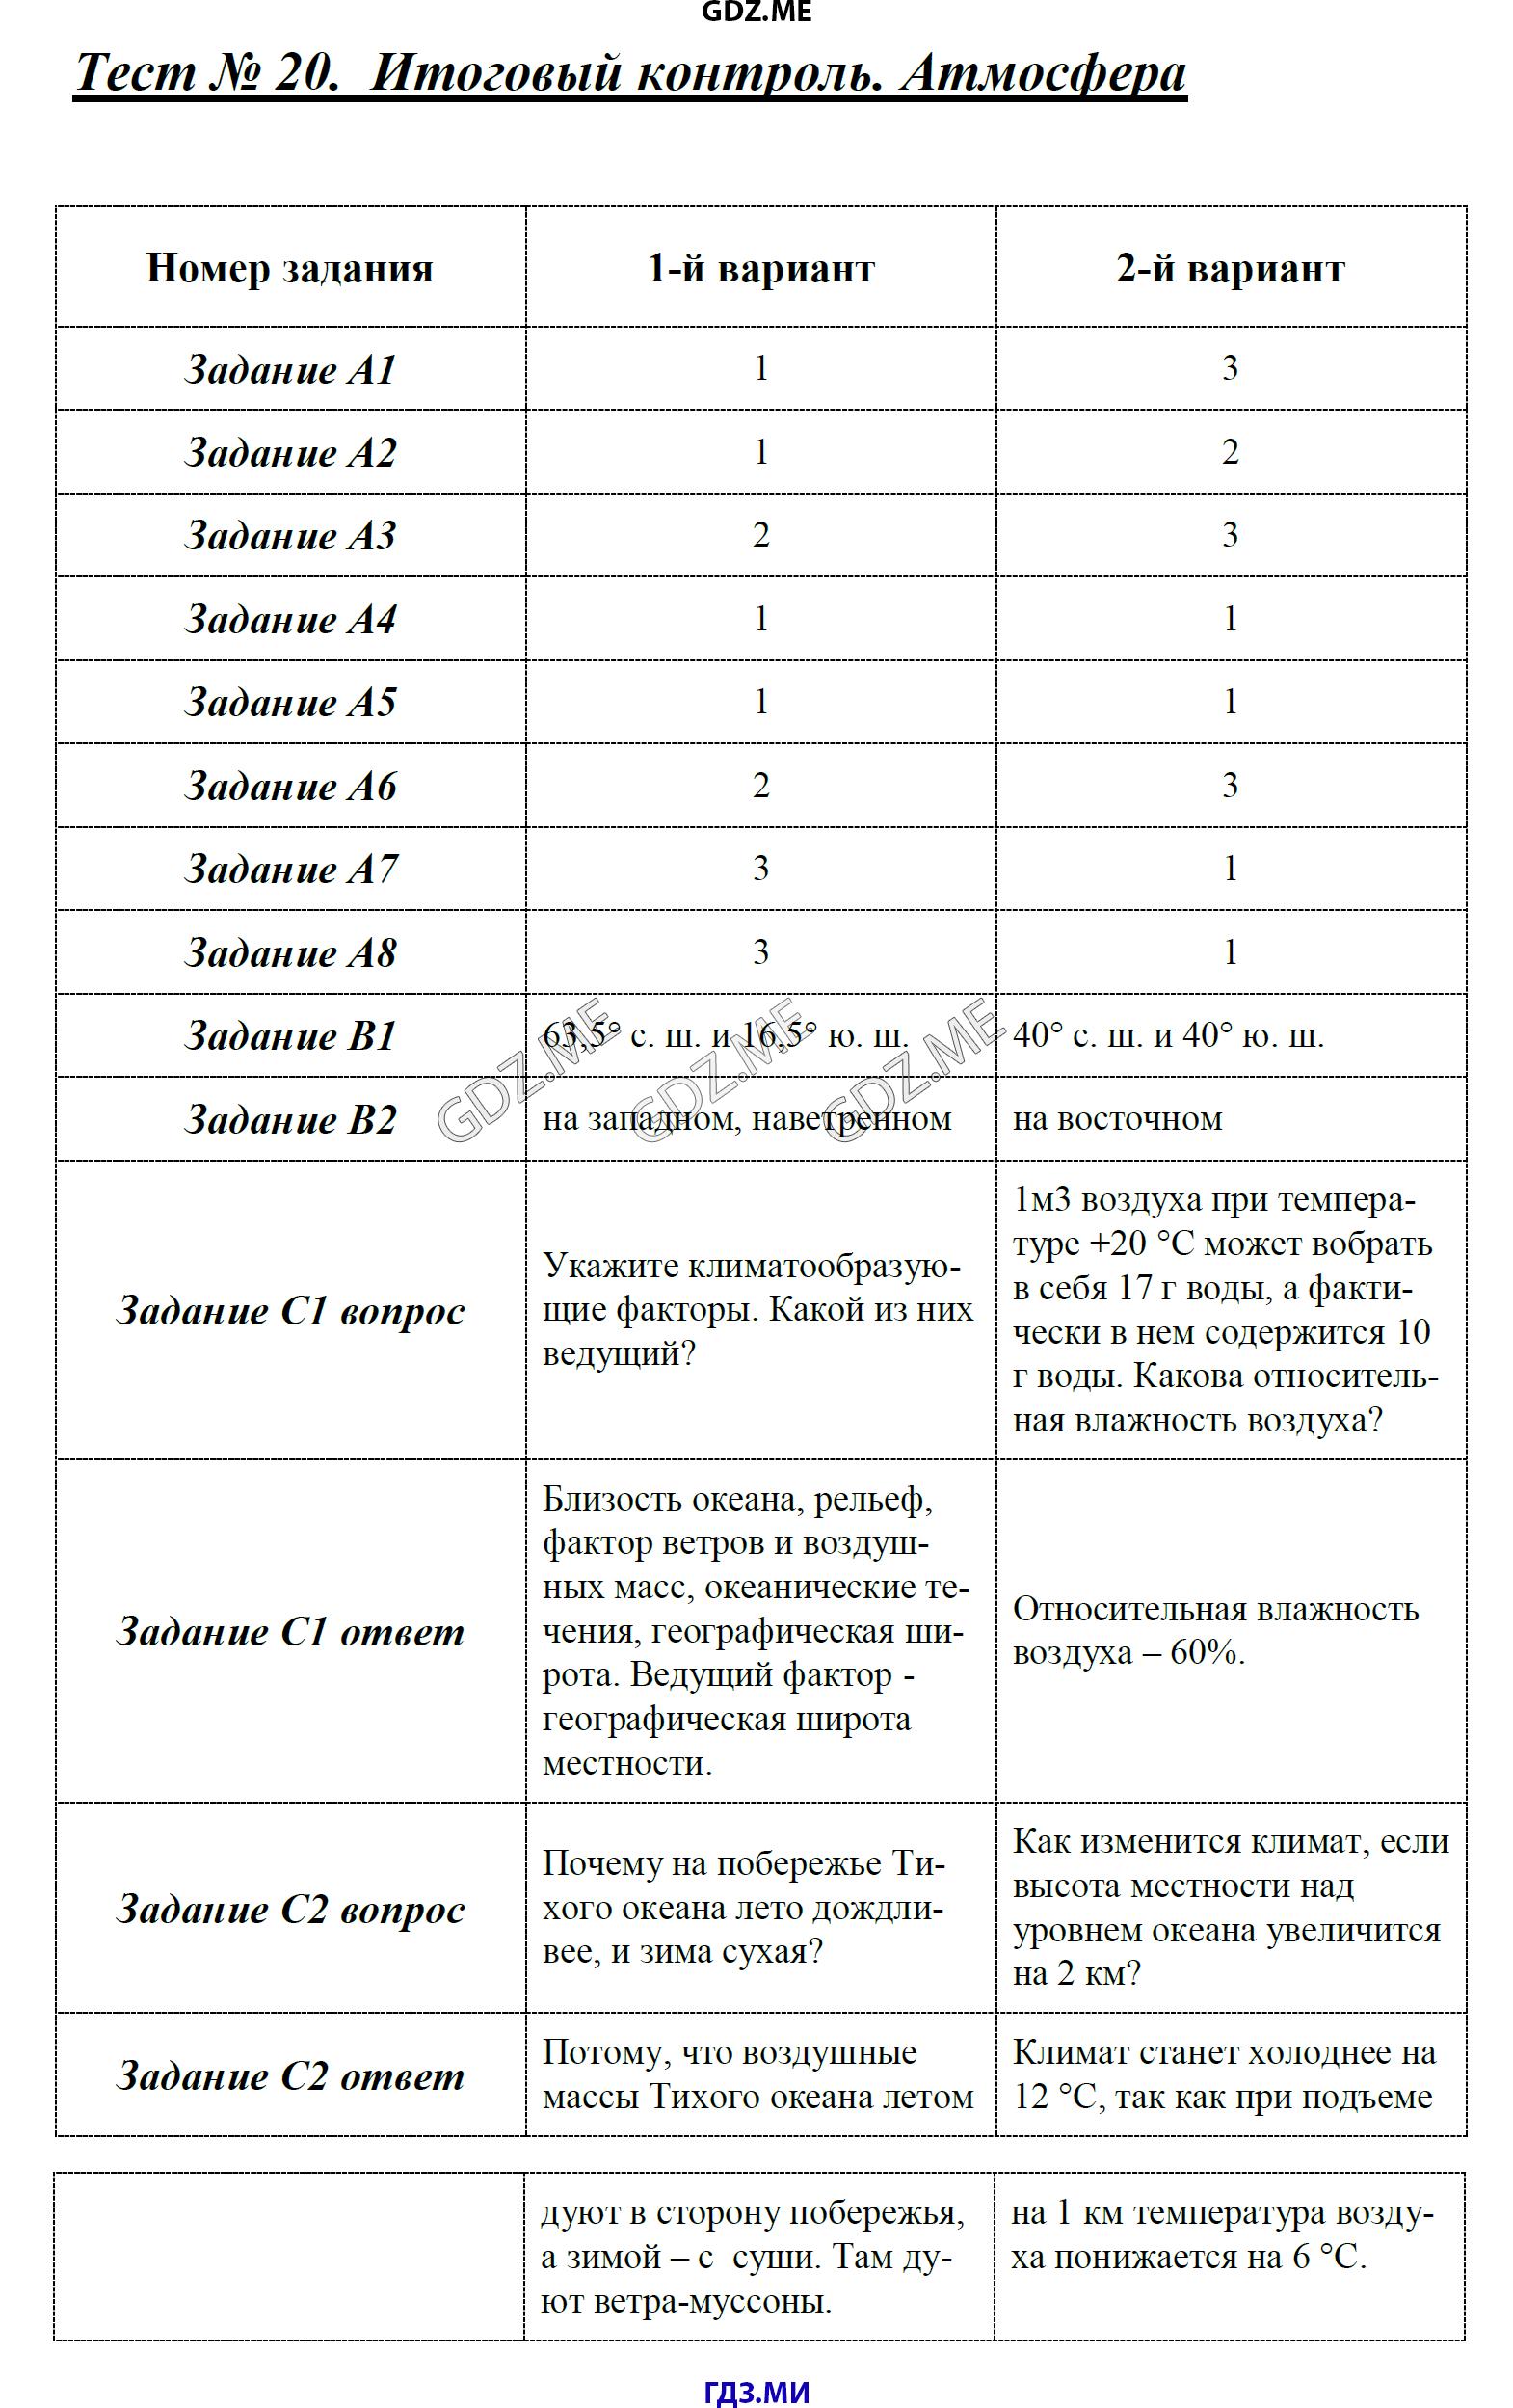 ГДЗ по географии класс Жижина контрольно измерительные материалы  Атмосфера Тест 22 Биосфера Тест 23 Население Земли Тест 24 Итоговый контроль по курсу 6 класса Предмет География